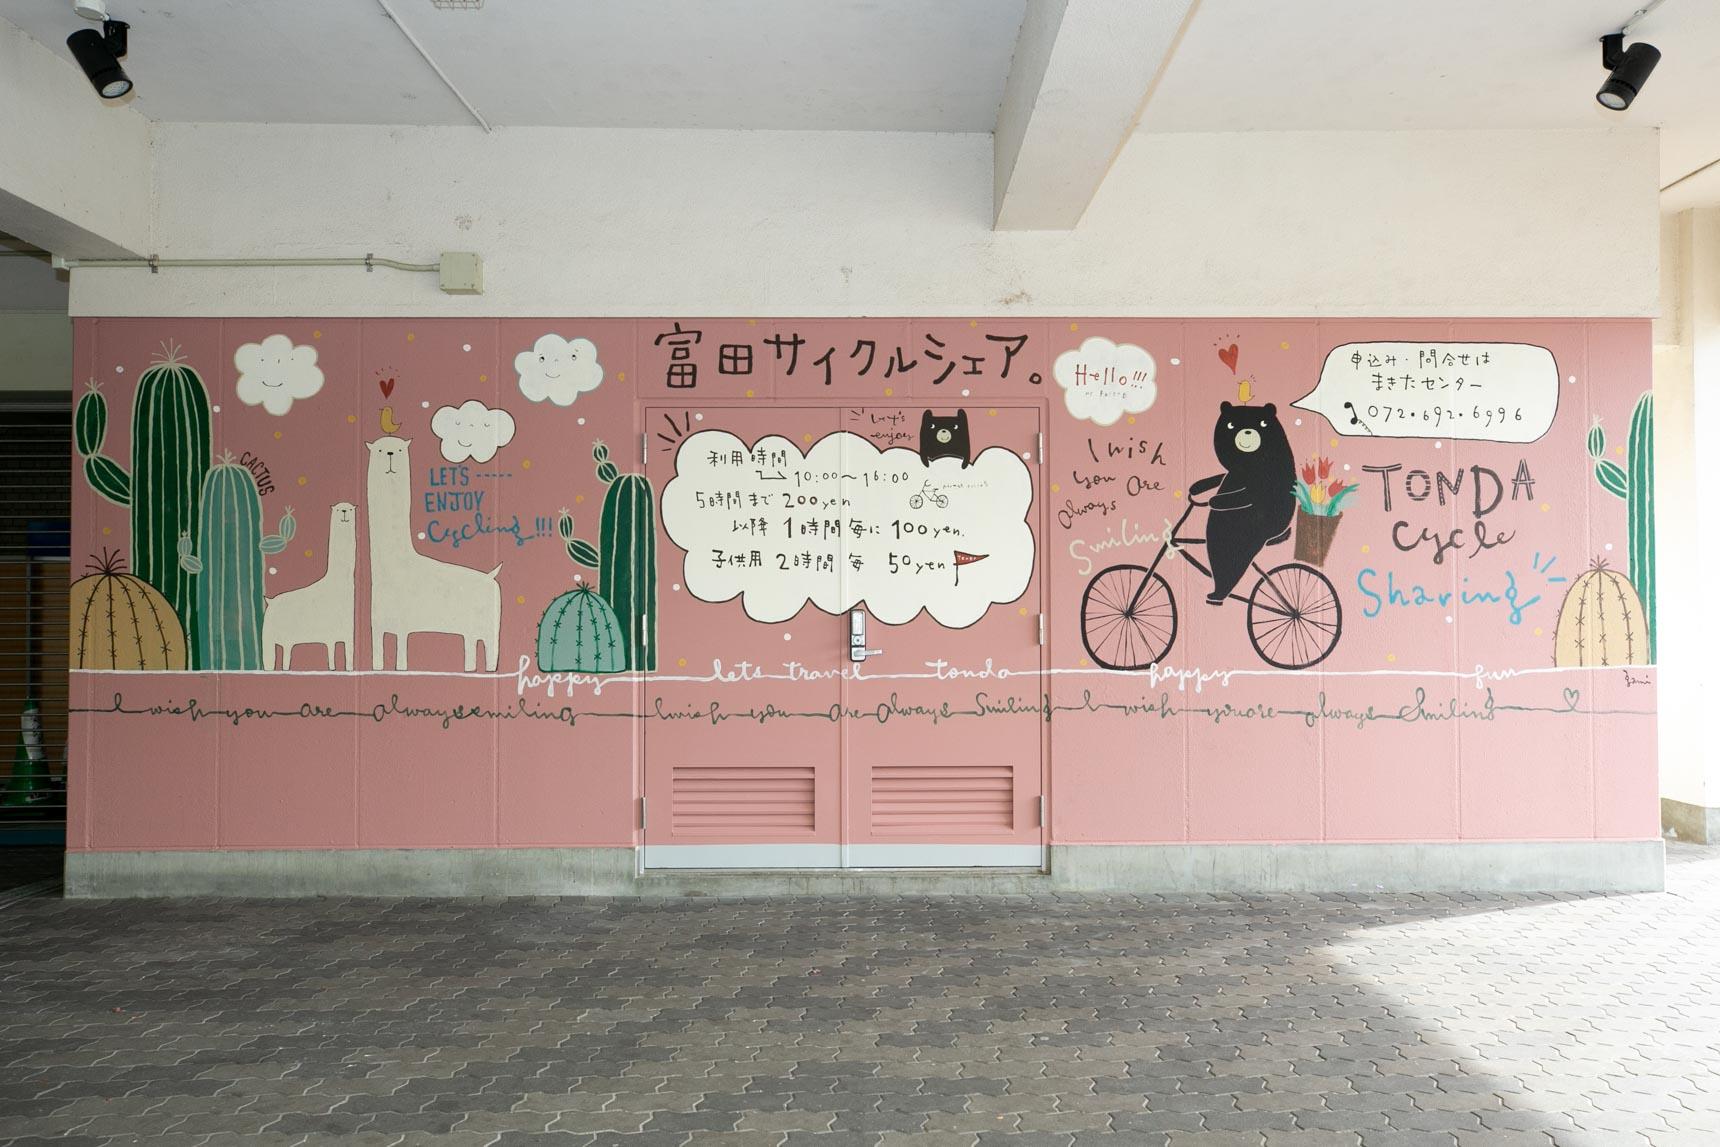 そして、商店街の奥にある自治会の事務所では、サイクルシェアの取り組みもされています。12月からは電動自転車や子ども用自転車も借りられるようになるそう。